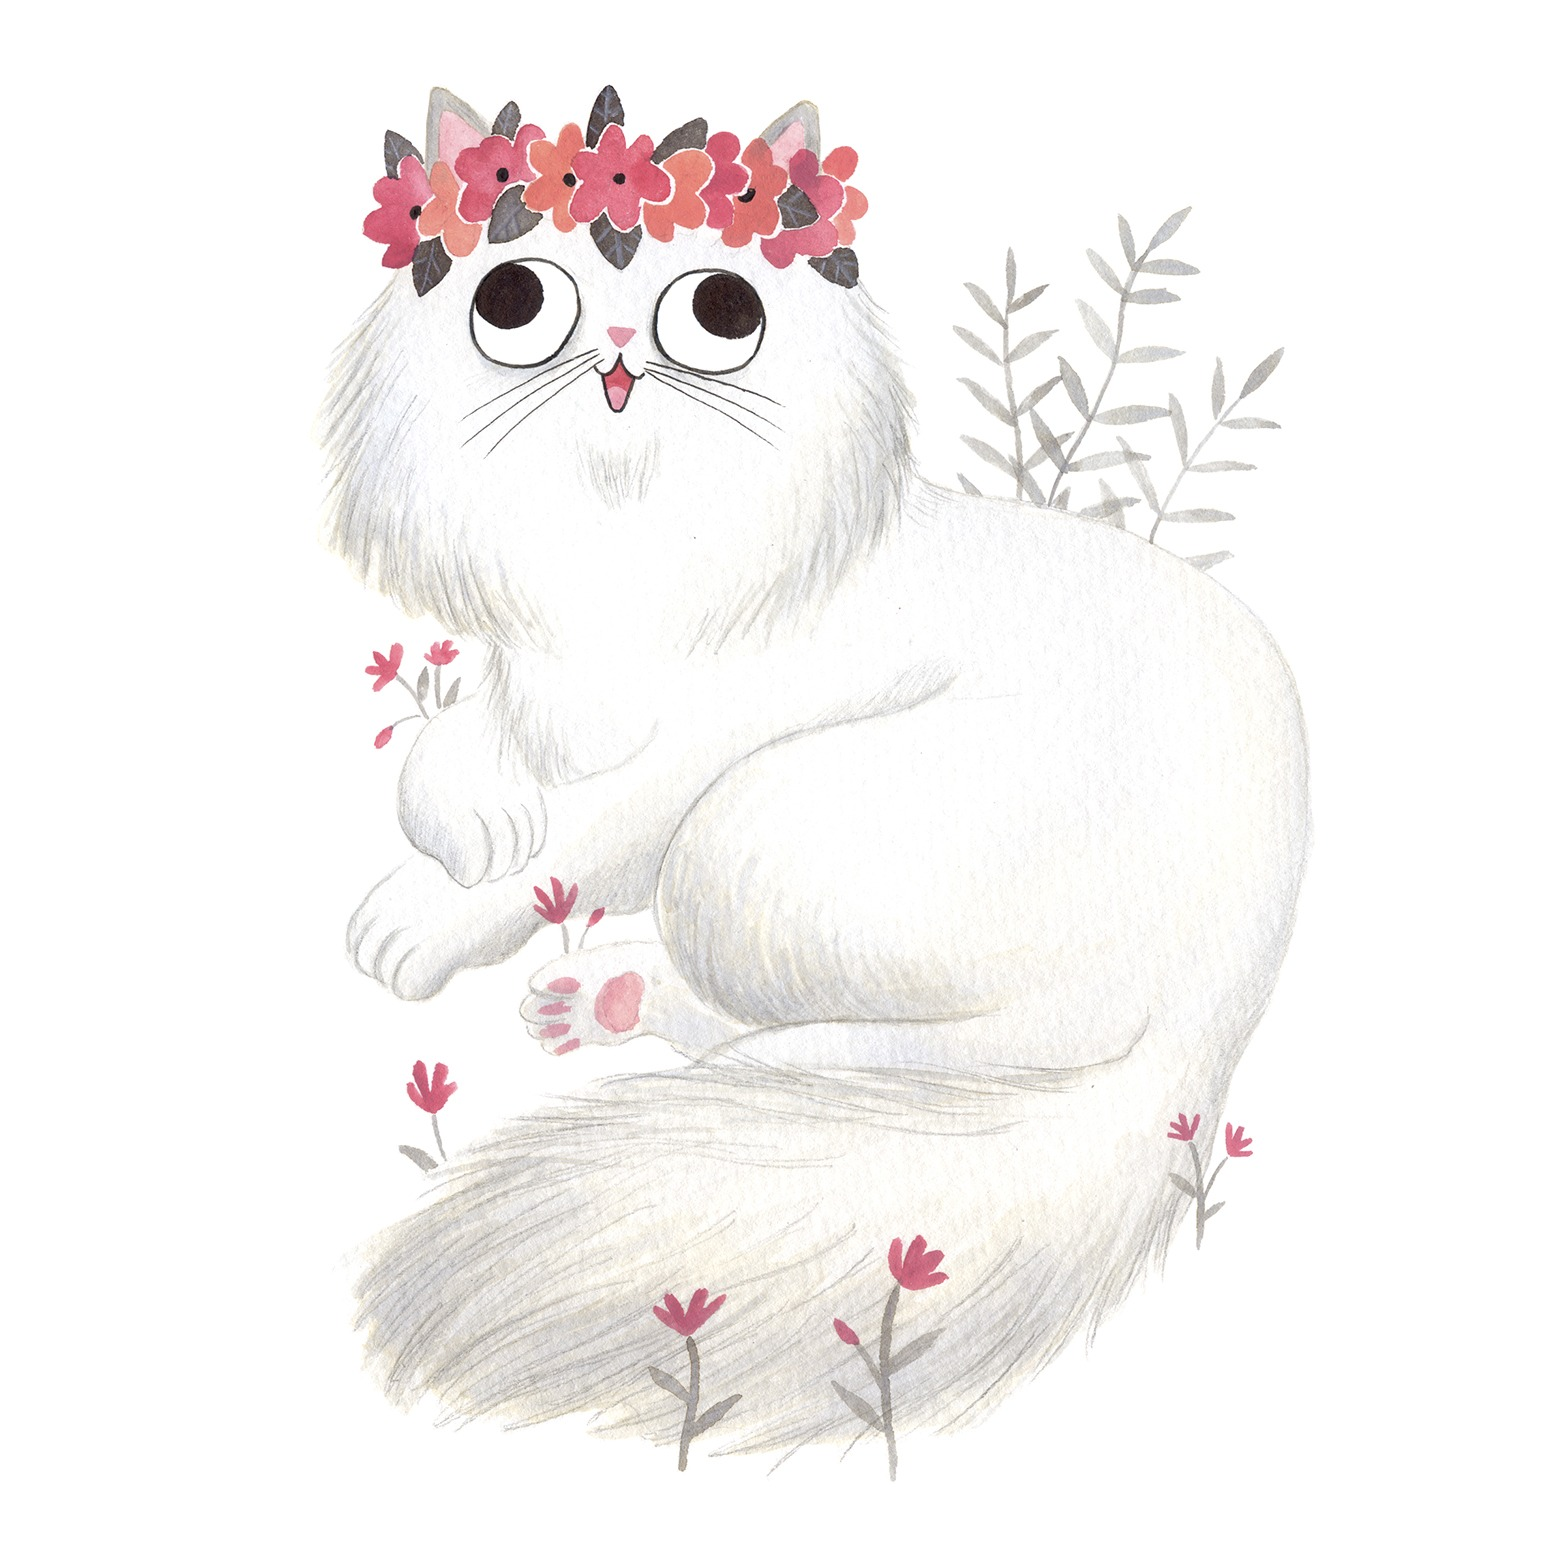 Ilustración de gato, Inktober, gato gordo, retrato de gato, gato y flores, gato y plantas,